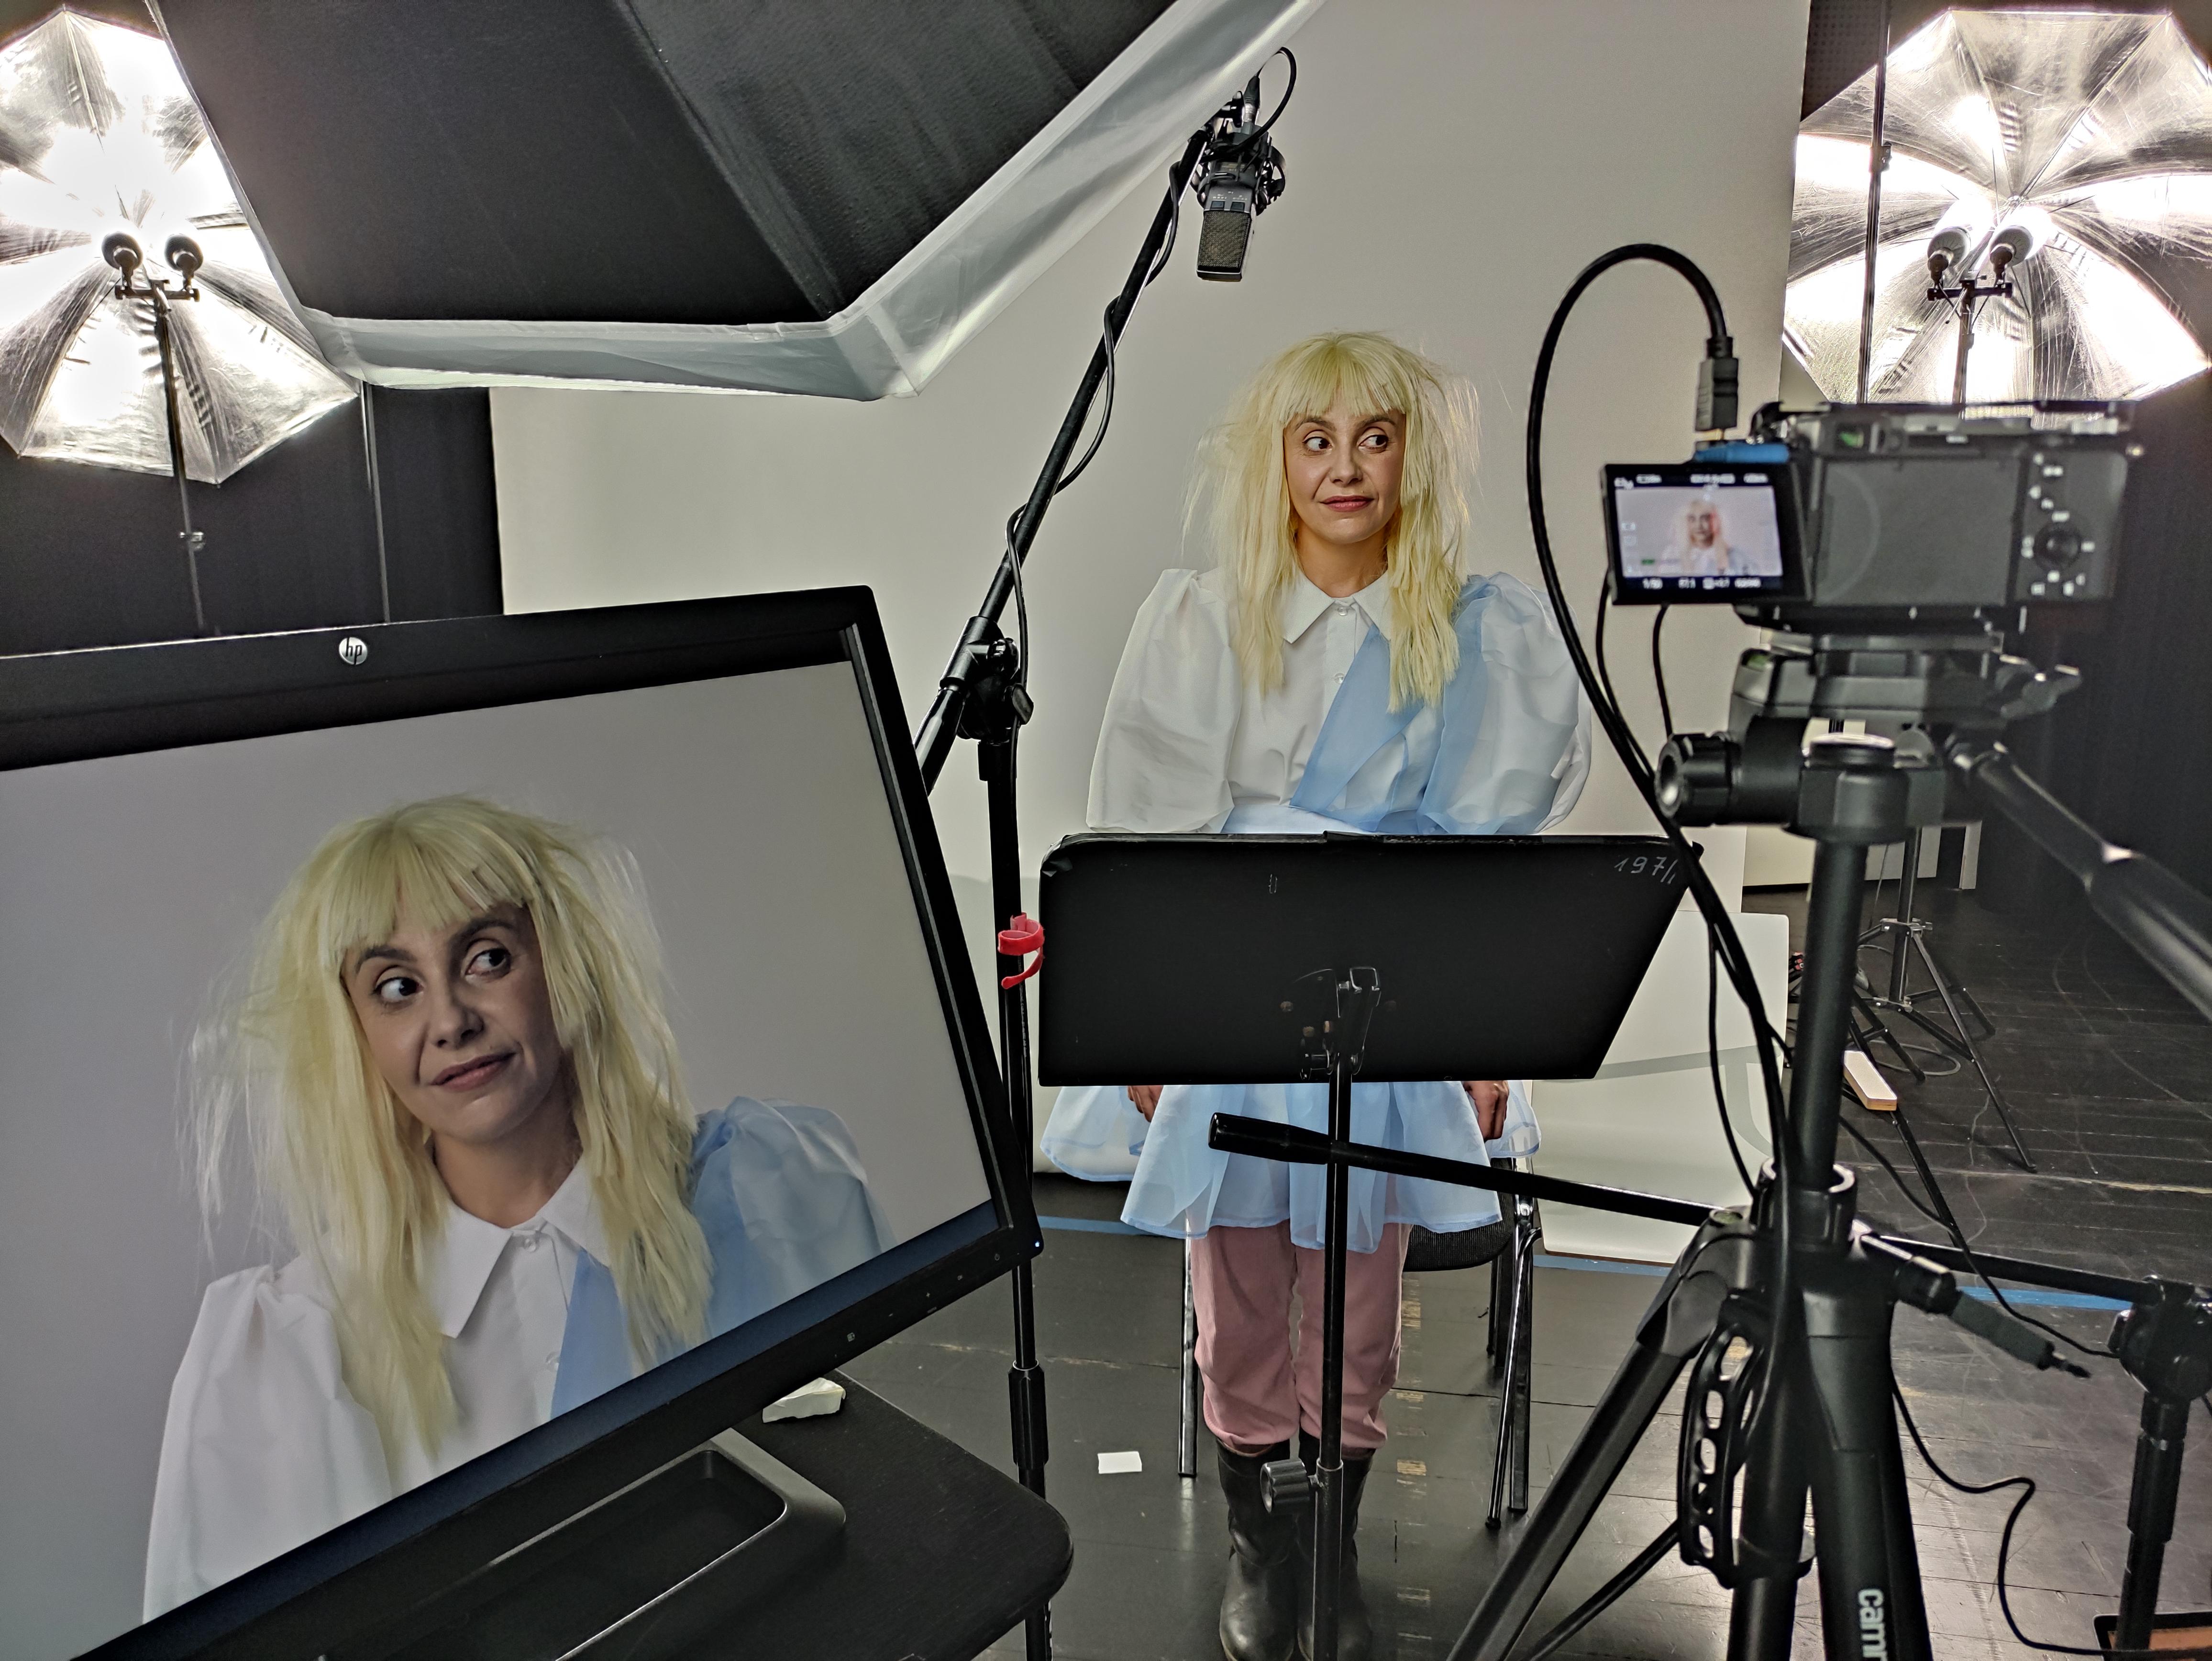 Na planie zdjęciowym. Aktorka grająca Alicję ma jasną, potarganą perukę i krótką niebieską sukienkę. Stoi przed mikrofonem i kamerą, jej twarz widać w poglądzie kamery na ekranie stojącego obok kamery monitora.